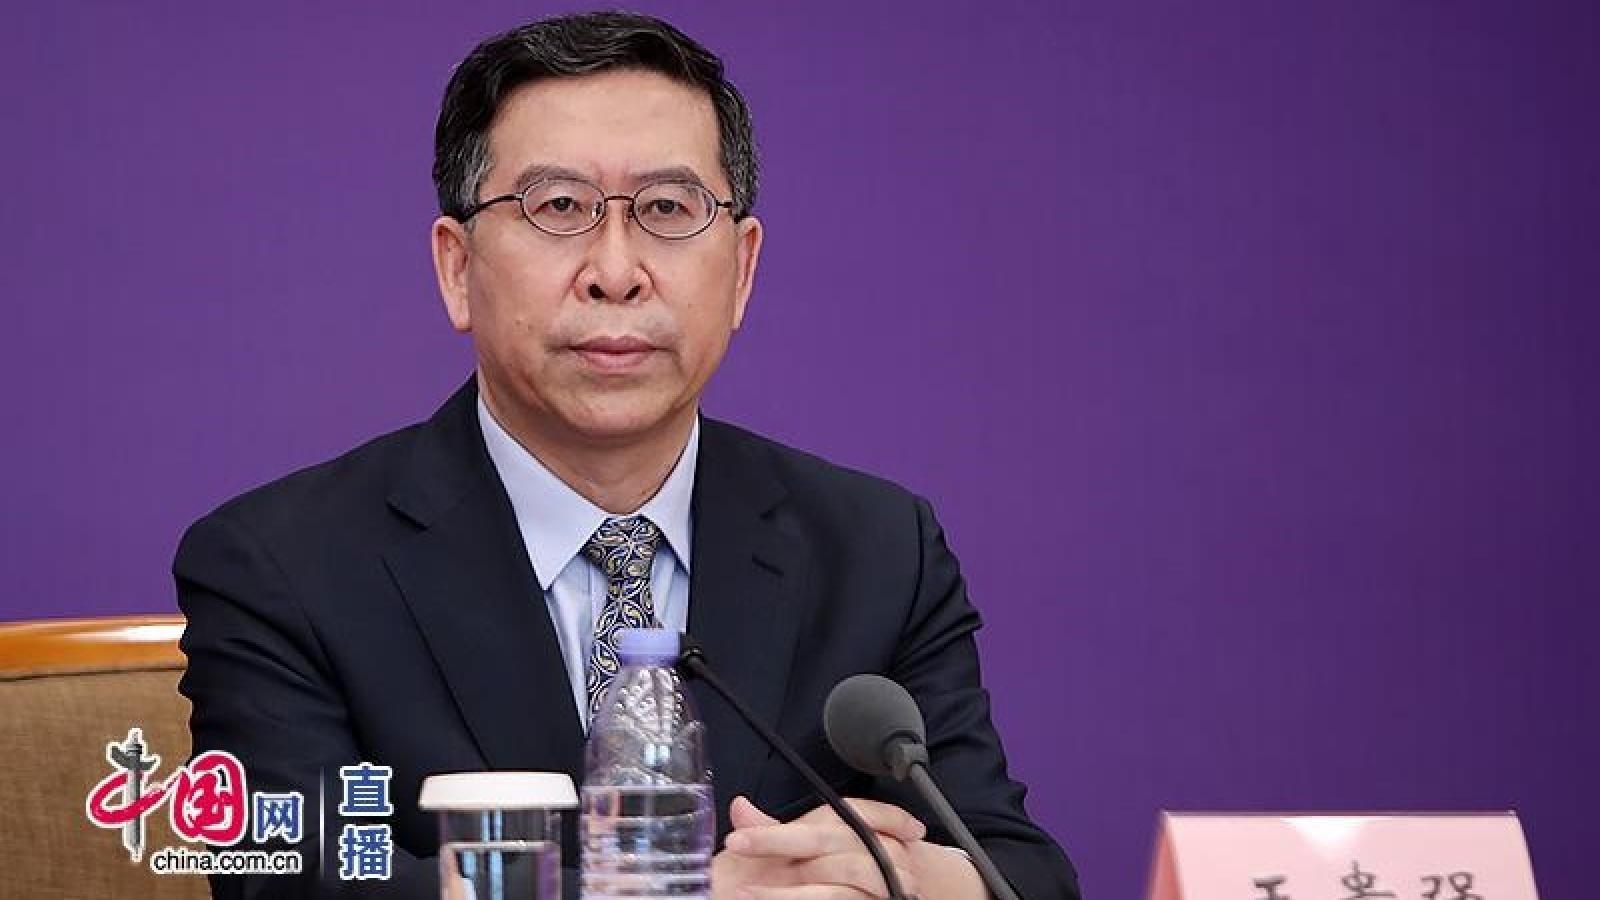 76%bệnh nhân Covid-19 triệu chứng kéo dài ở Vũ Hán (Trung Quốc) là các ca bệnh nặng